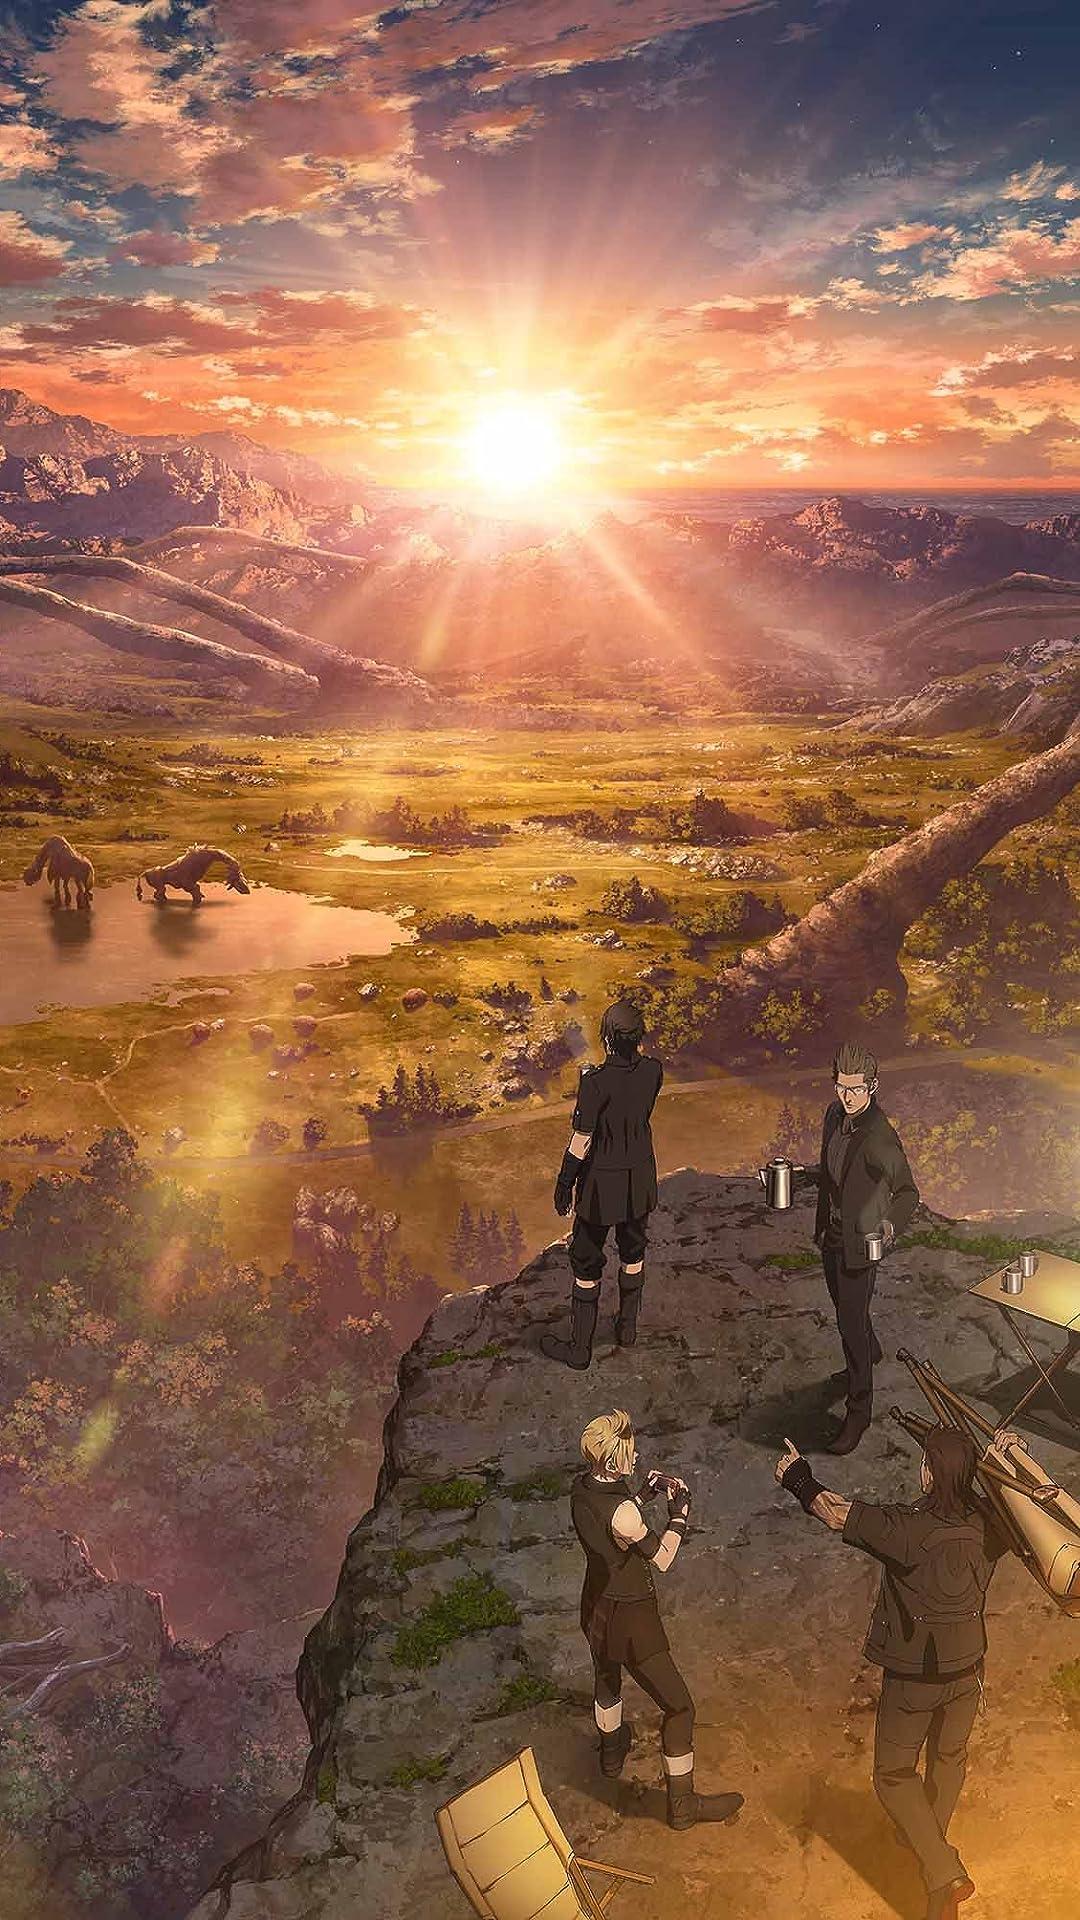 ファイナルファンタジー Brotherhood Final Fantasy Xv フルhd 1080